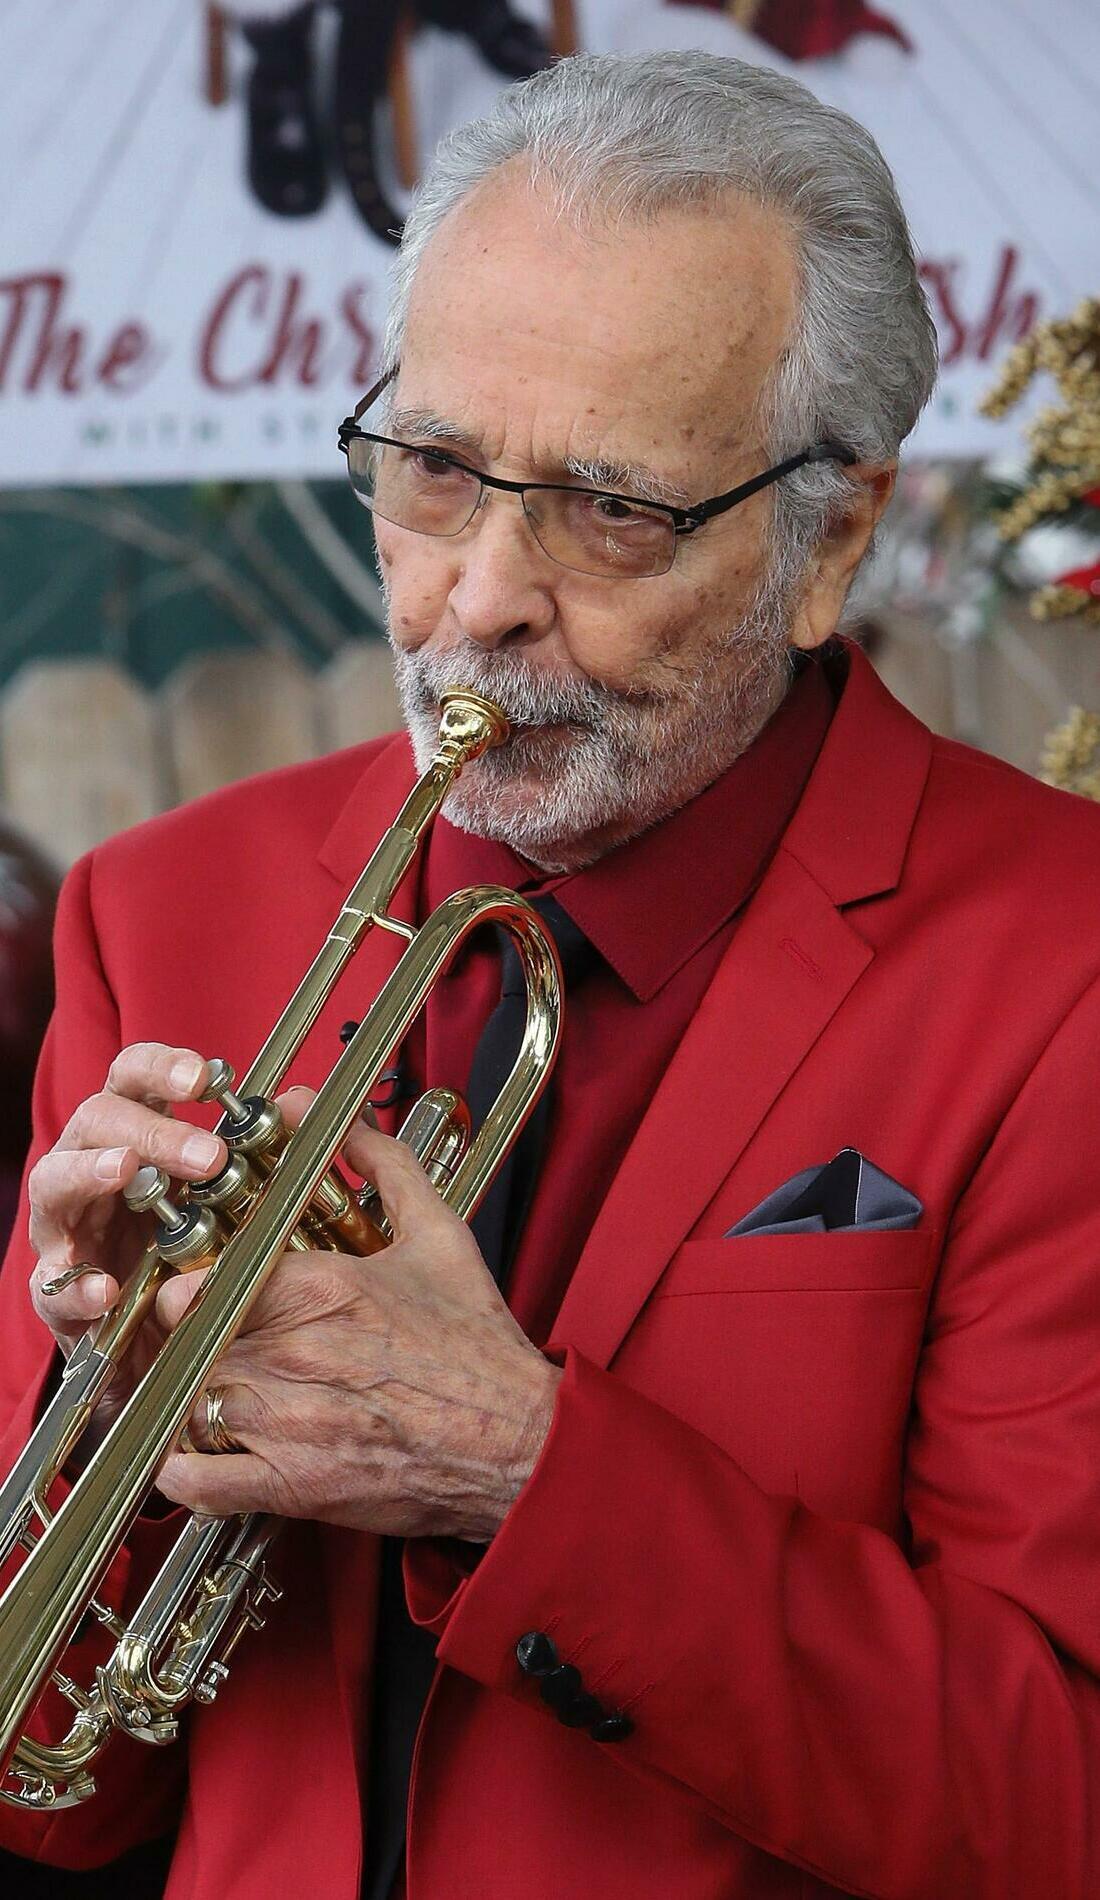 A Herb Alpert live event